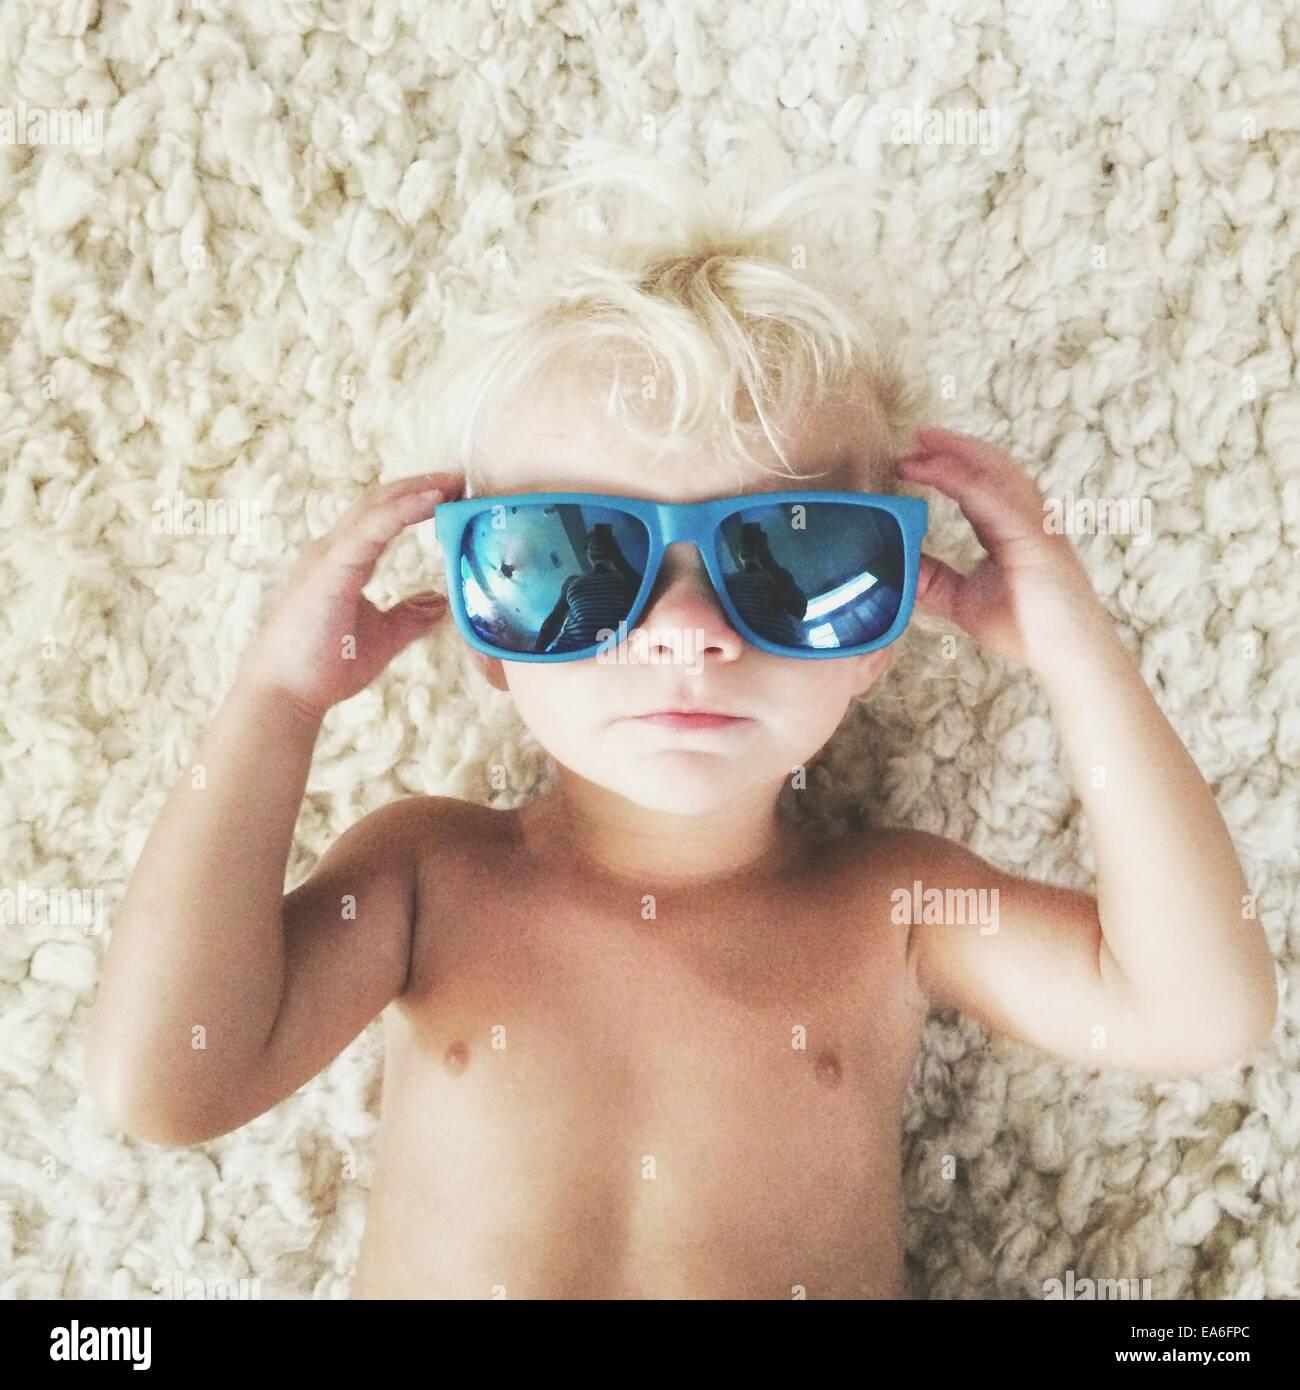 Garçon couché sur un tapis portant des lunettes de soleil Photo Stock